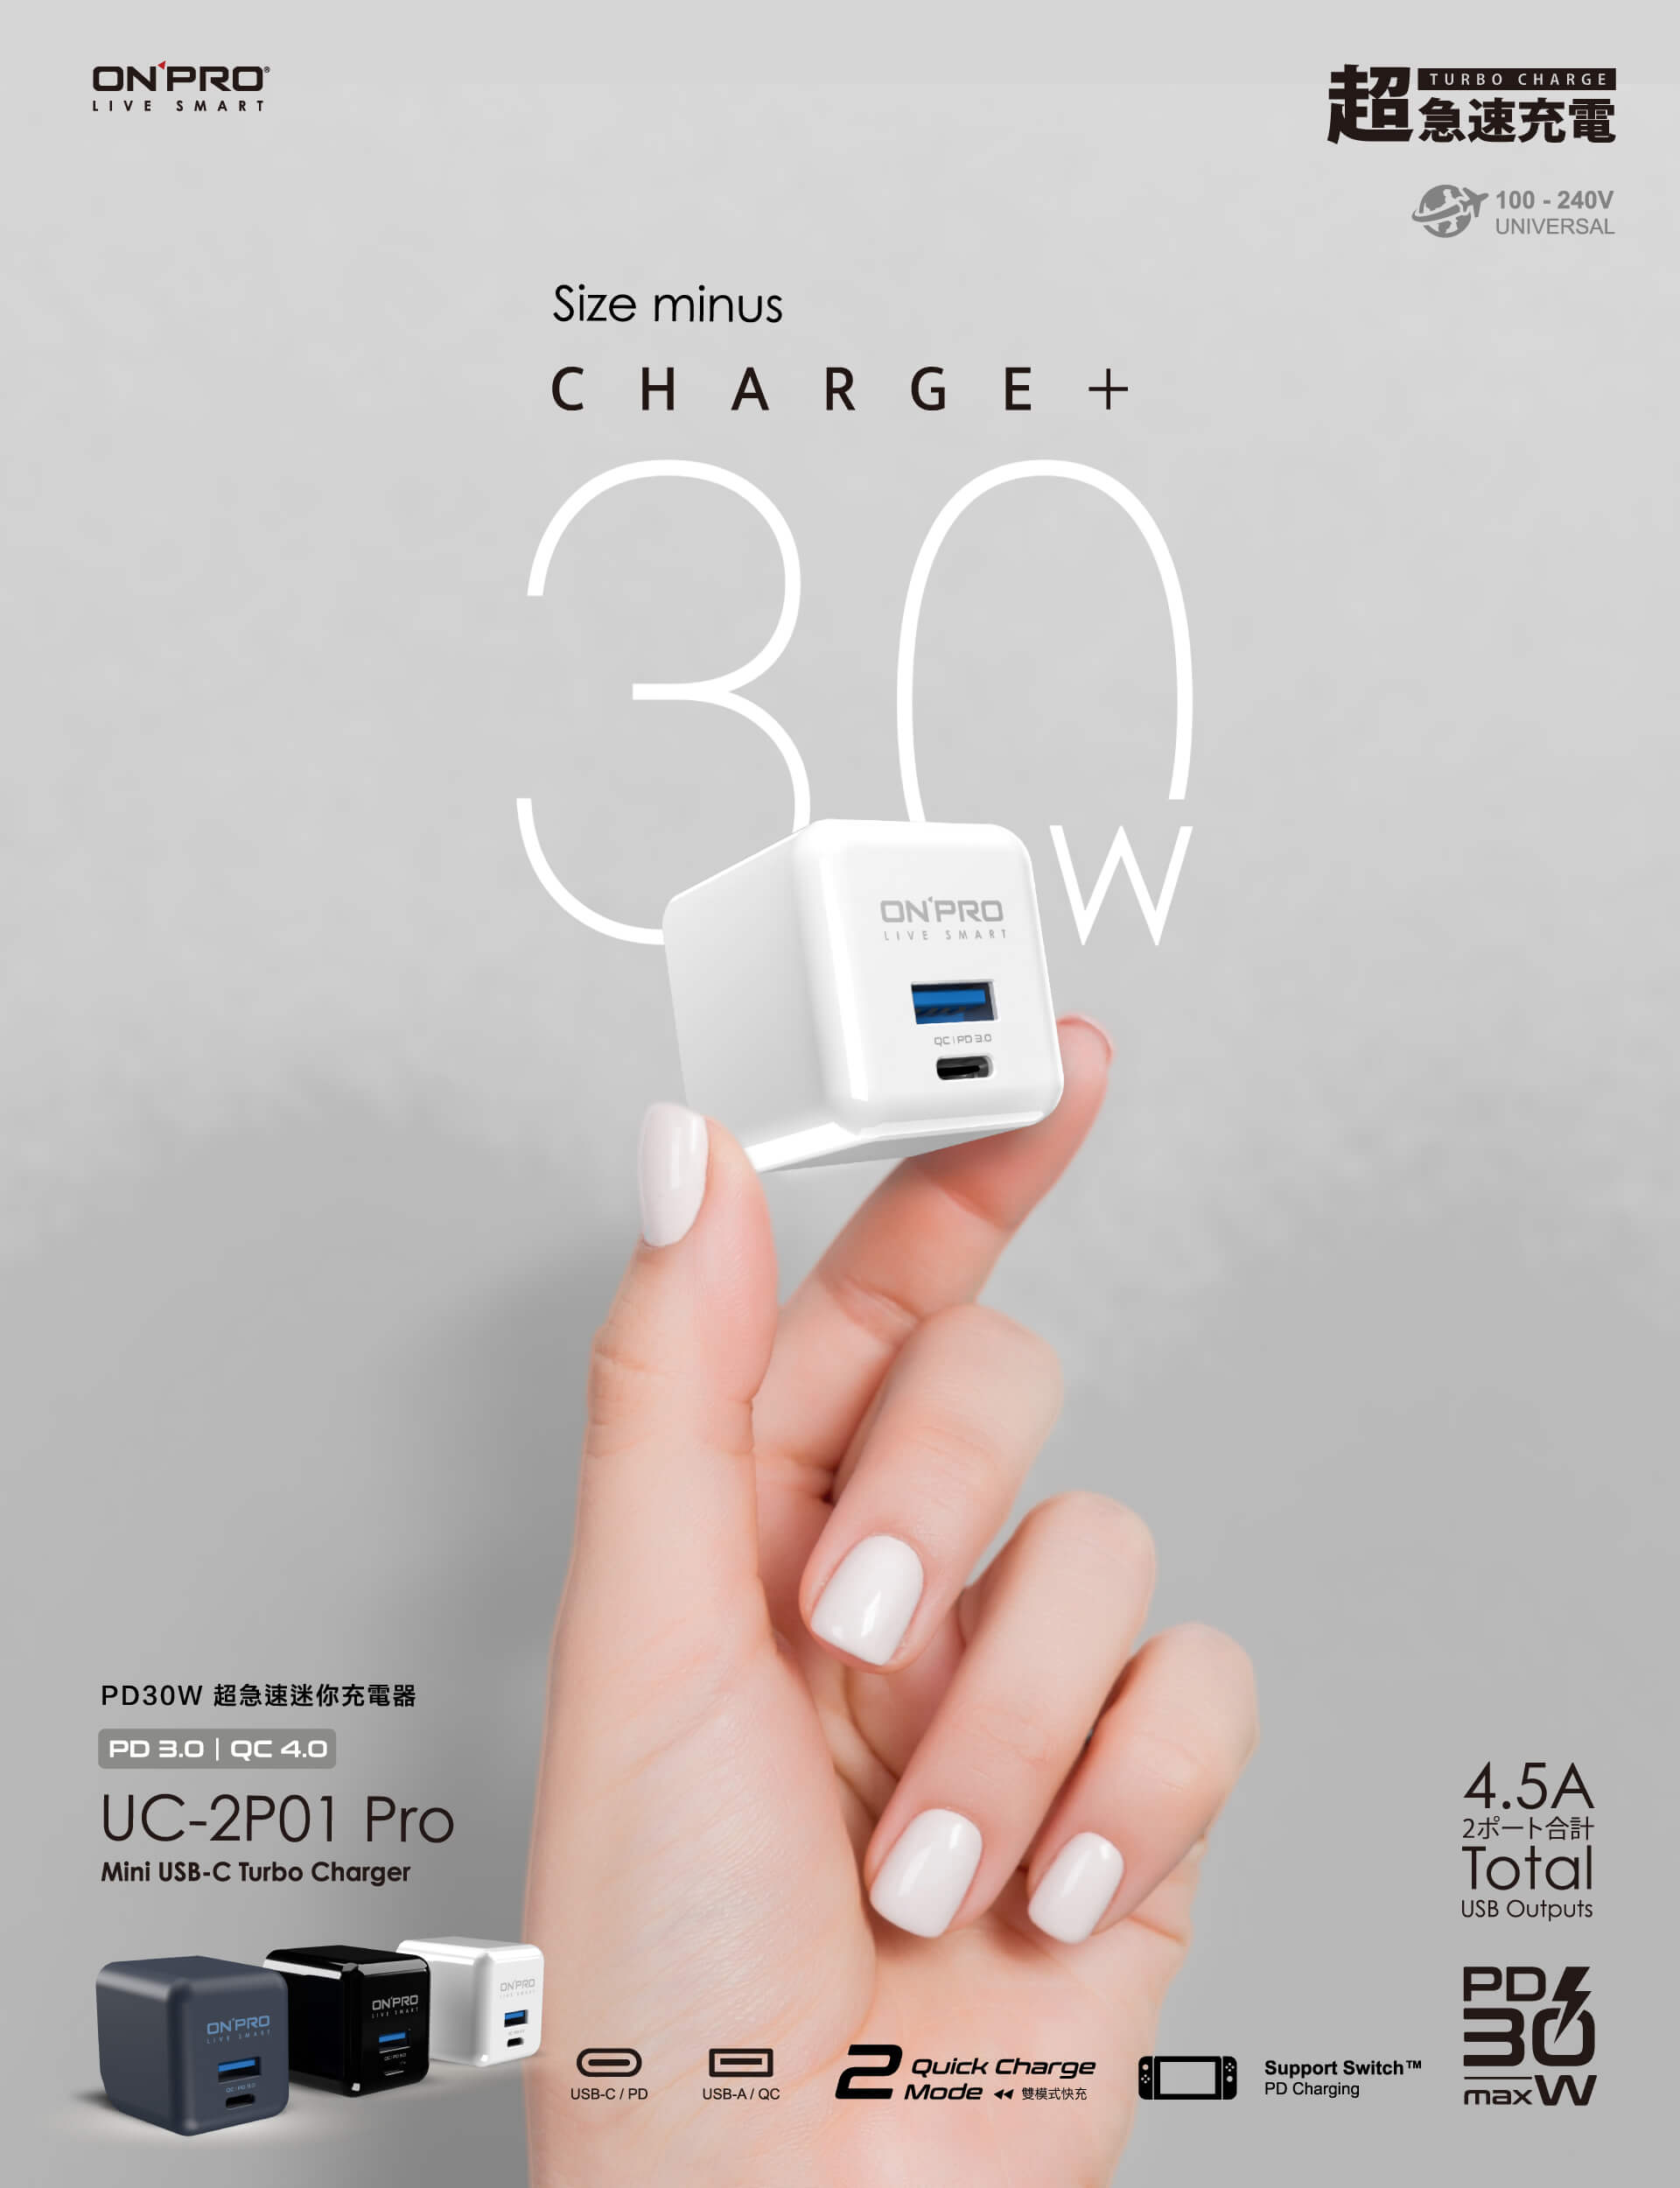 ONPRO UC-2P01 Pro PD 30W 雙孔 充電頭 快充頭 充電器 4.5a 旅充頭 適用 iphone12